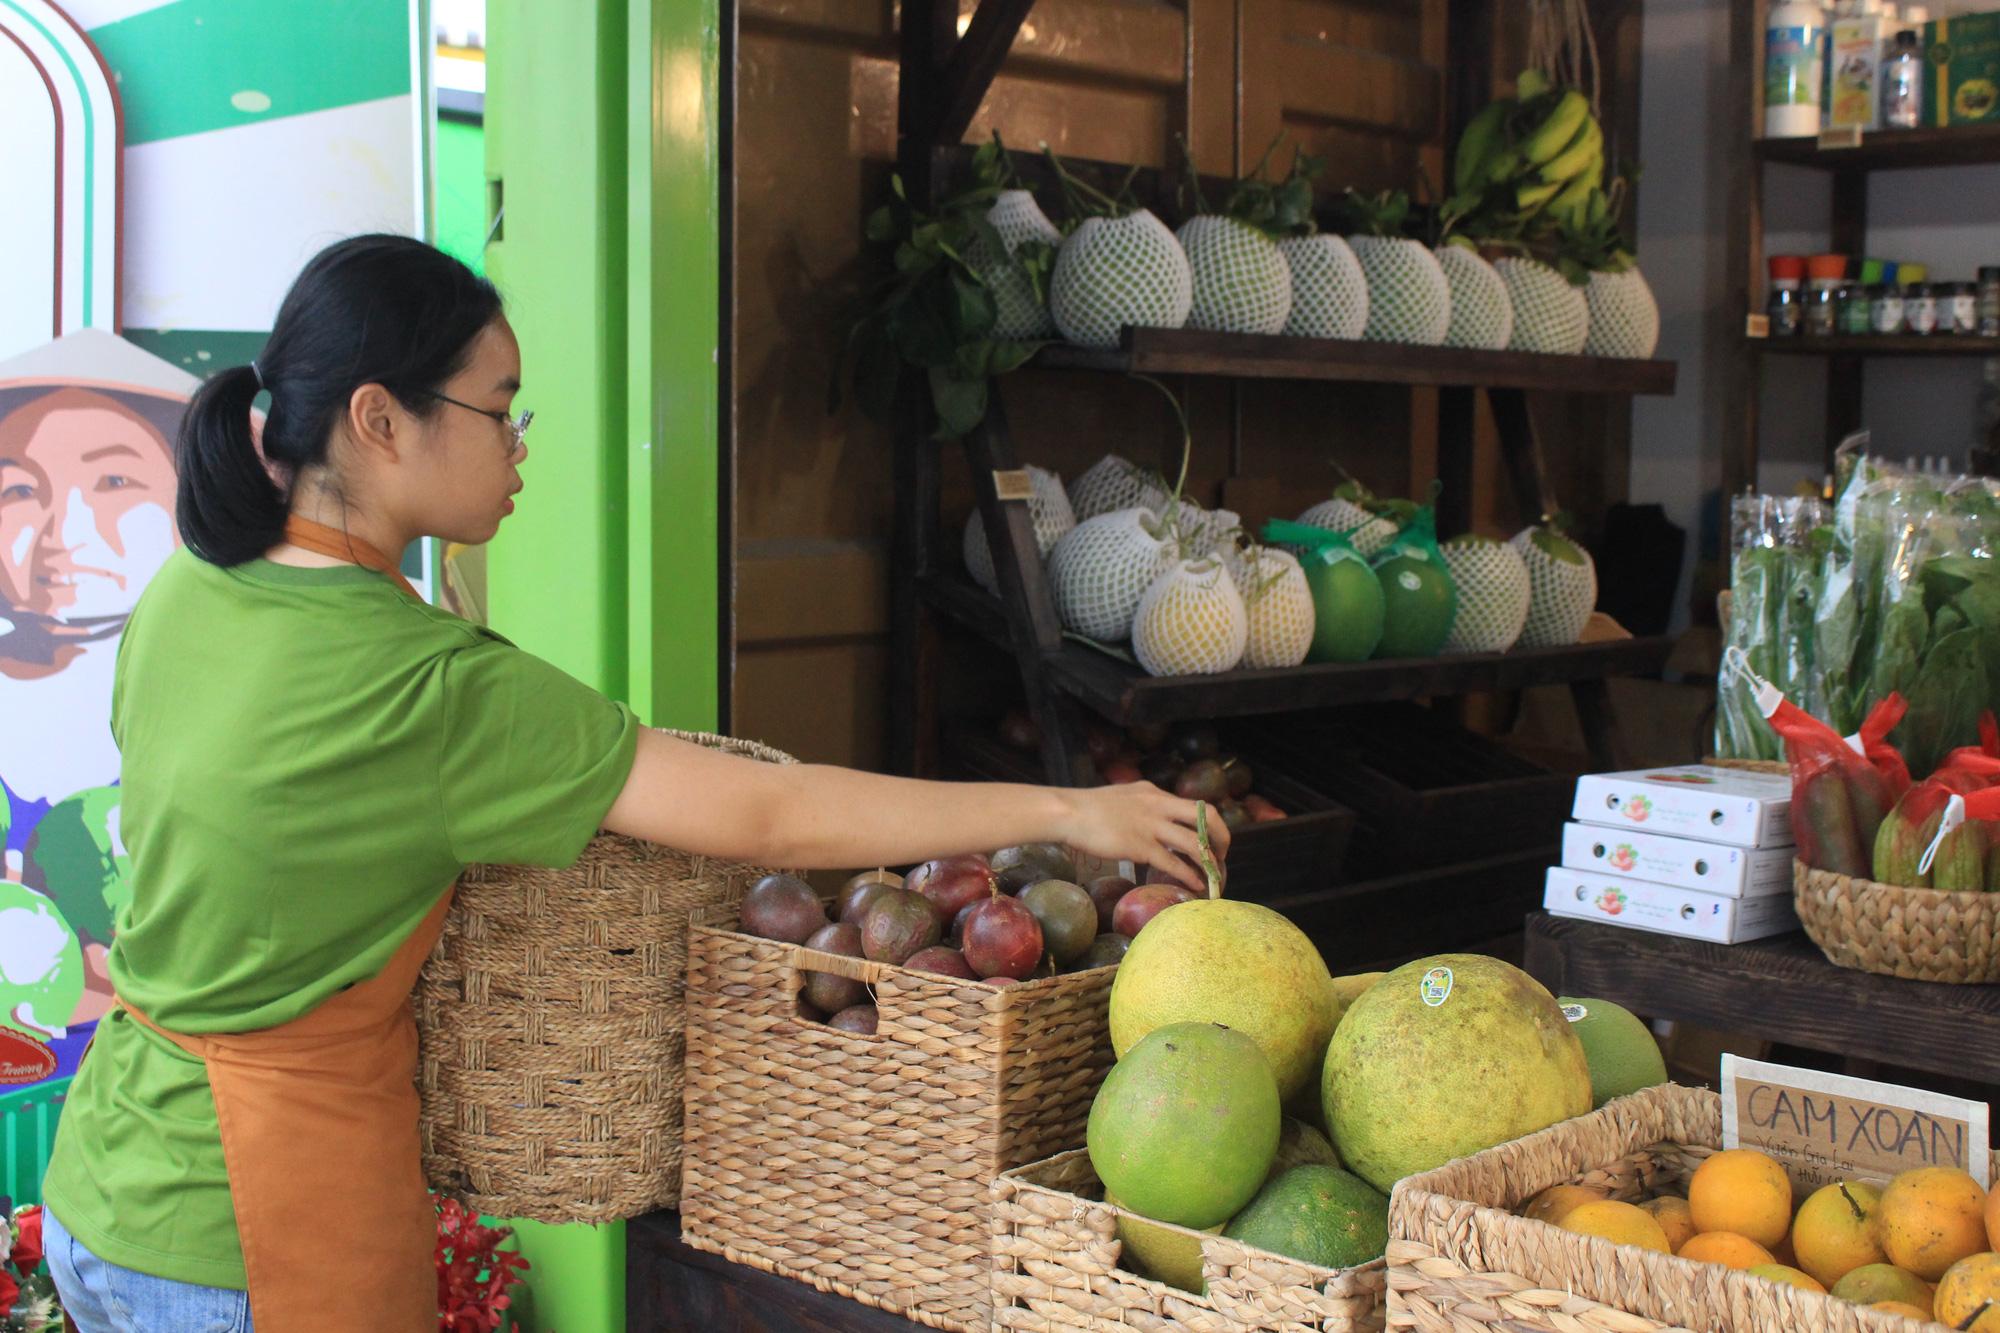 Siêu thị của nông dân đầu tiên ở Sài Gòn có gì, mà vừa mở bán, thanh long, cam canh đã bị mua sạch? - Ảnh 6.